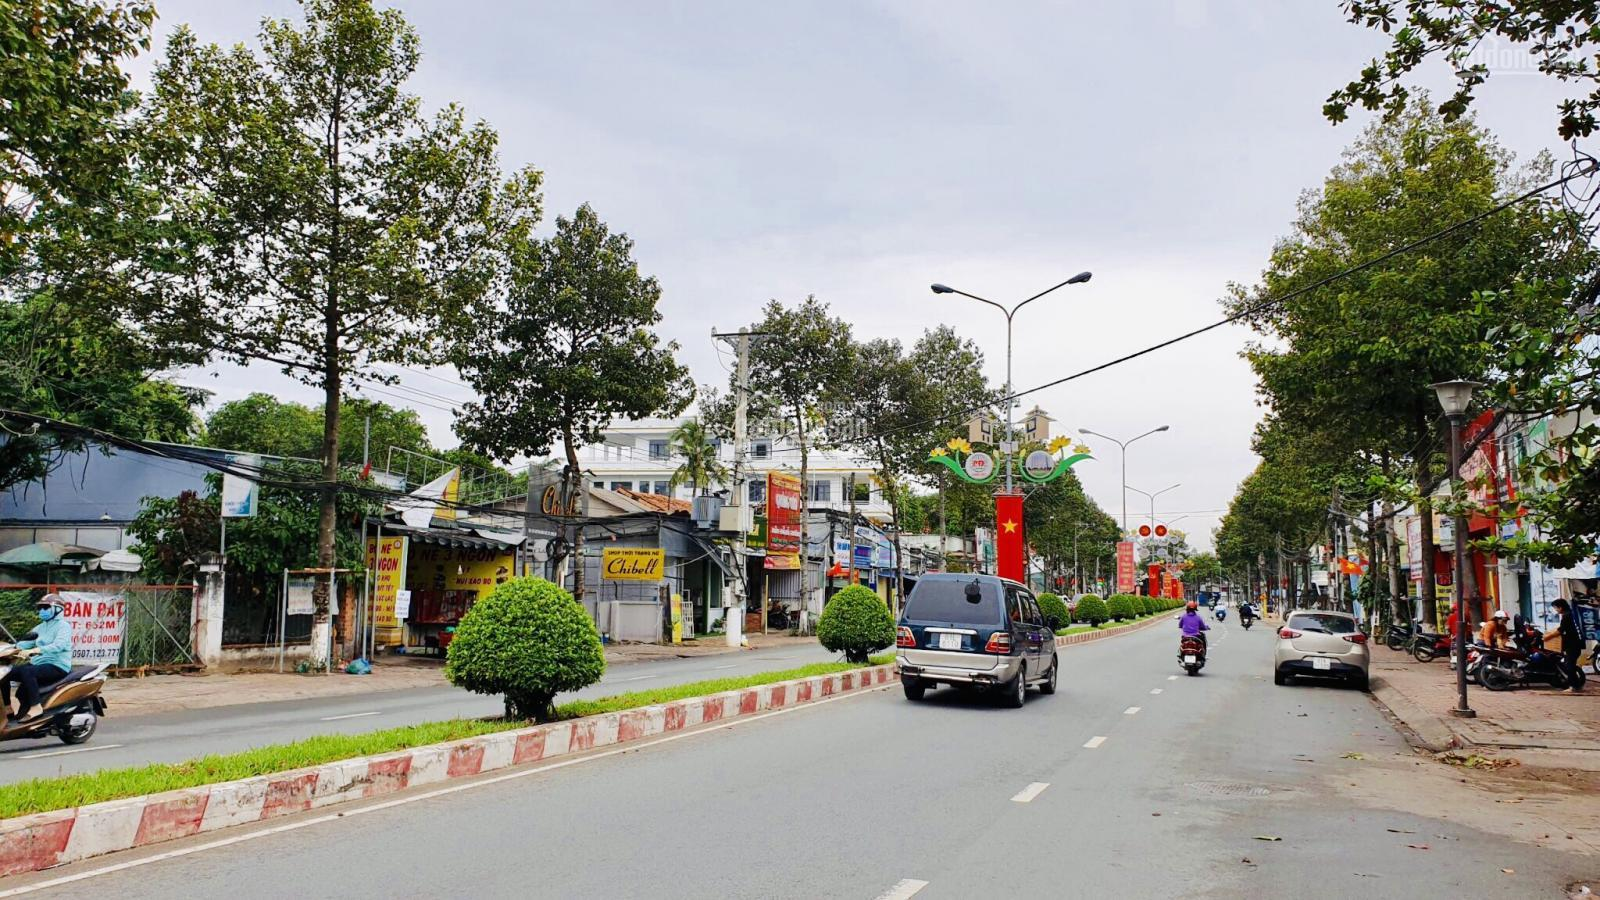 chi tiết Mặt tiền Huỳnh Văn Lũy siêu vip số 1 kinh doanh vạn ngành nghề, đang cho thuê 20 triệu tháng LH: 0927093798